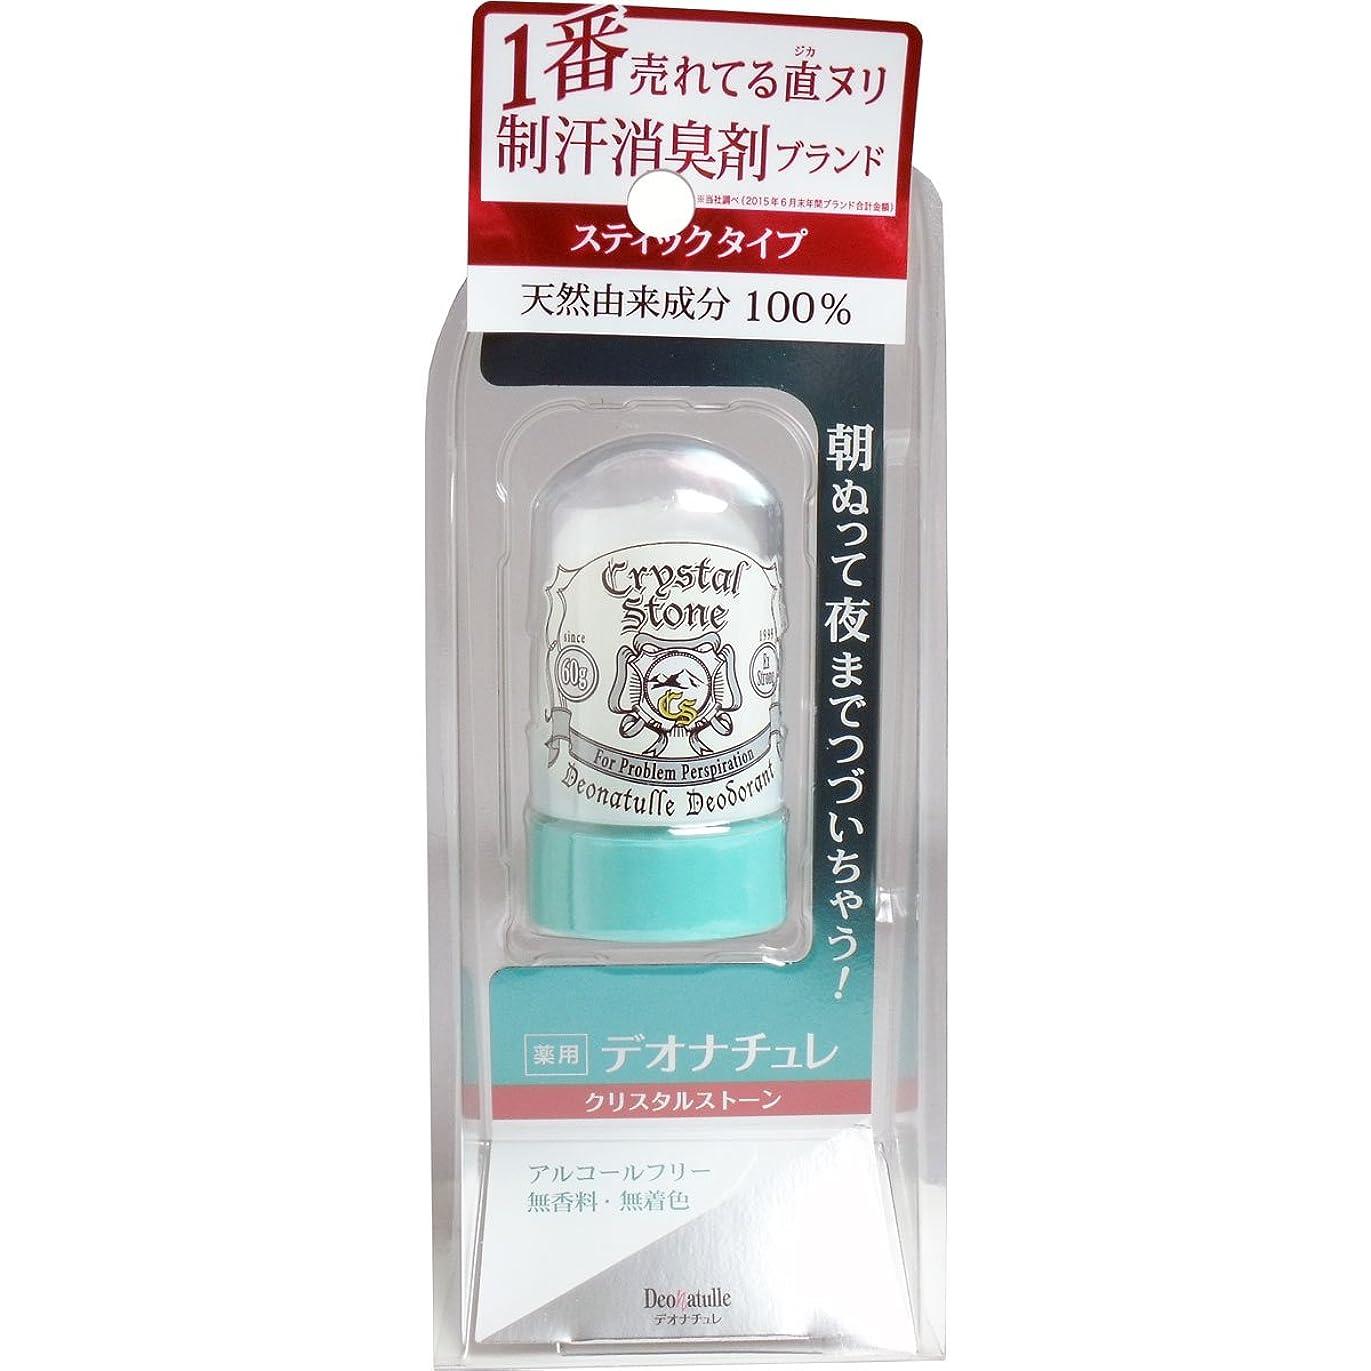 タイマー単語隙間デオナチュレ クリスタルストーン 60g(医薬部外品)(お買い得3個セット)